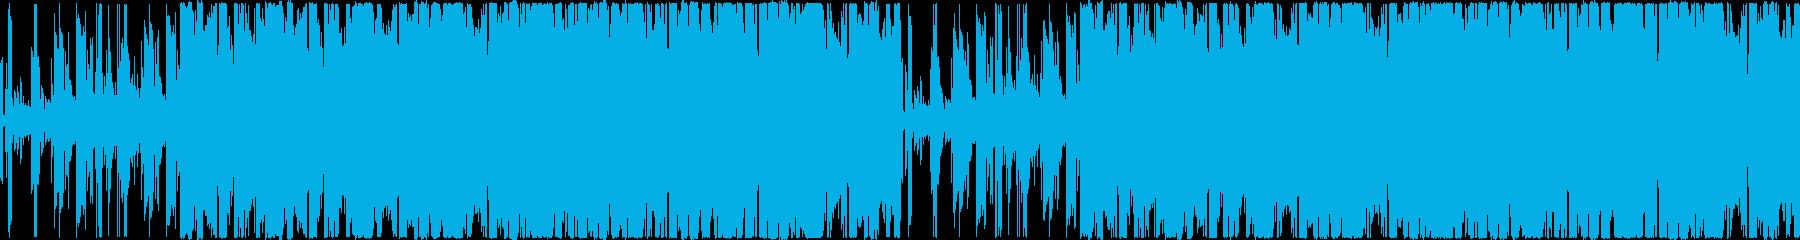 【個性的おしゃれなラウンジ/JAZZ】の再生済みの波形